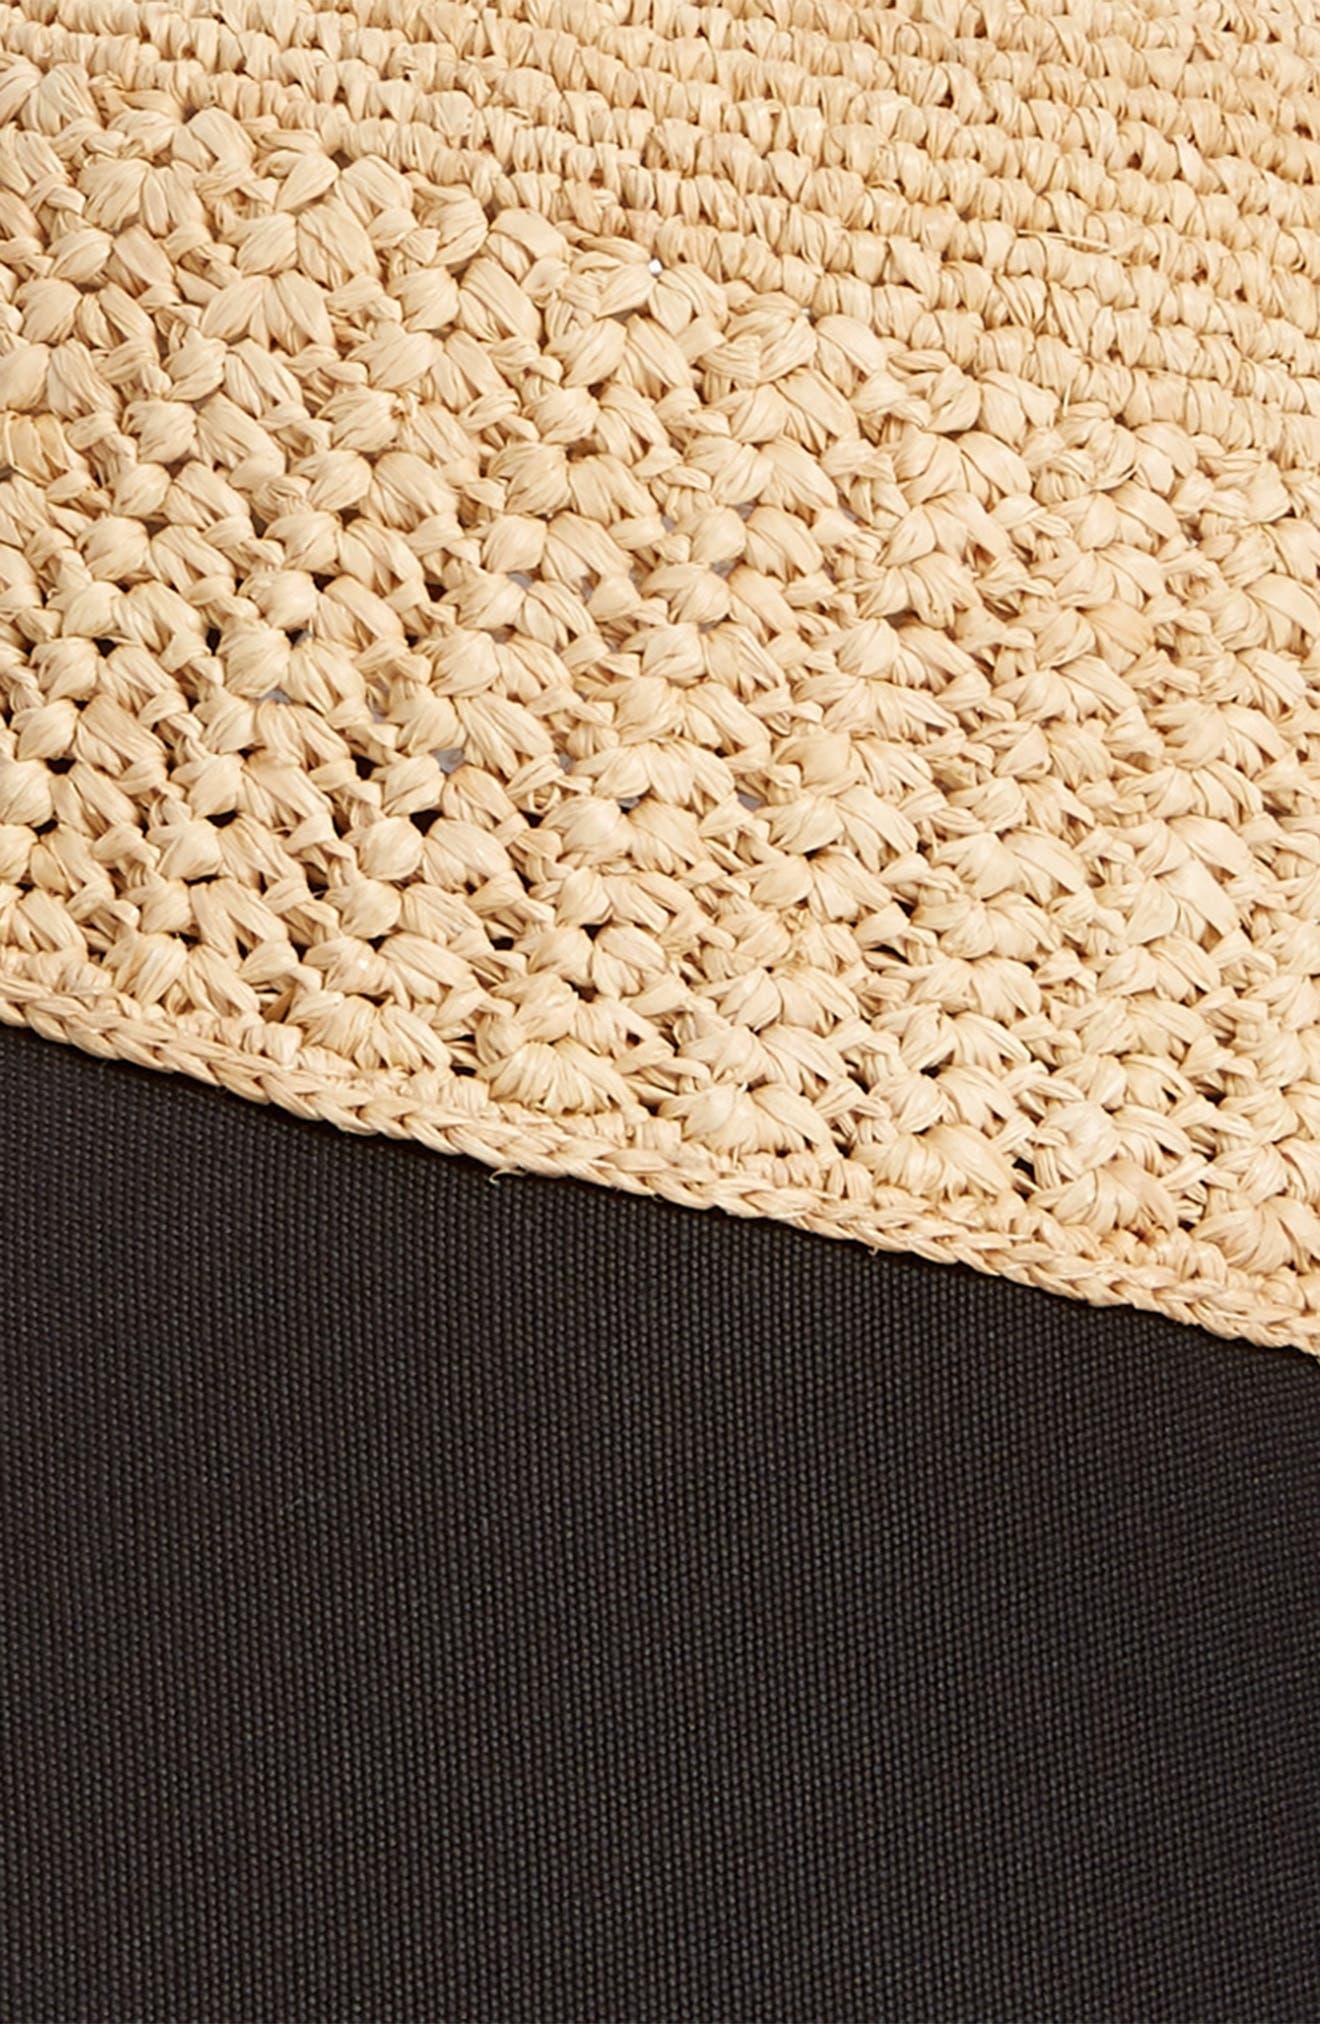 Wide Peak Raffia & Cotton Cap,                             Alternate thumbnail 2, color,                             250